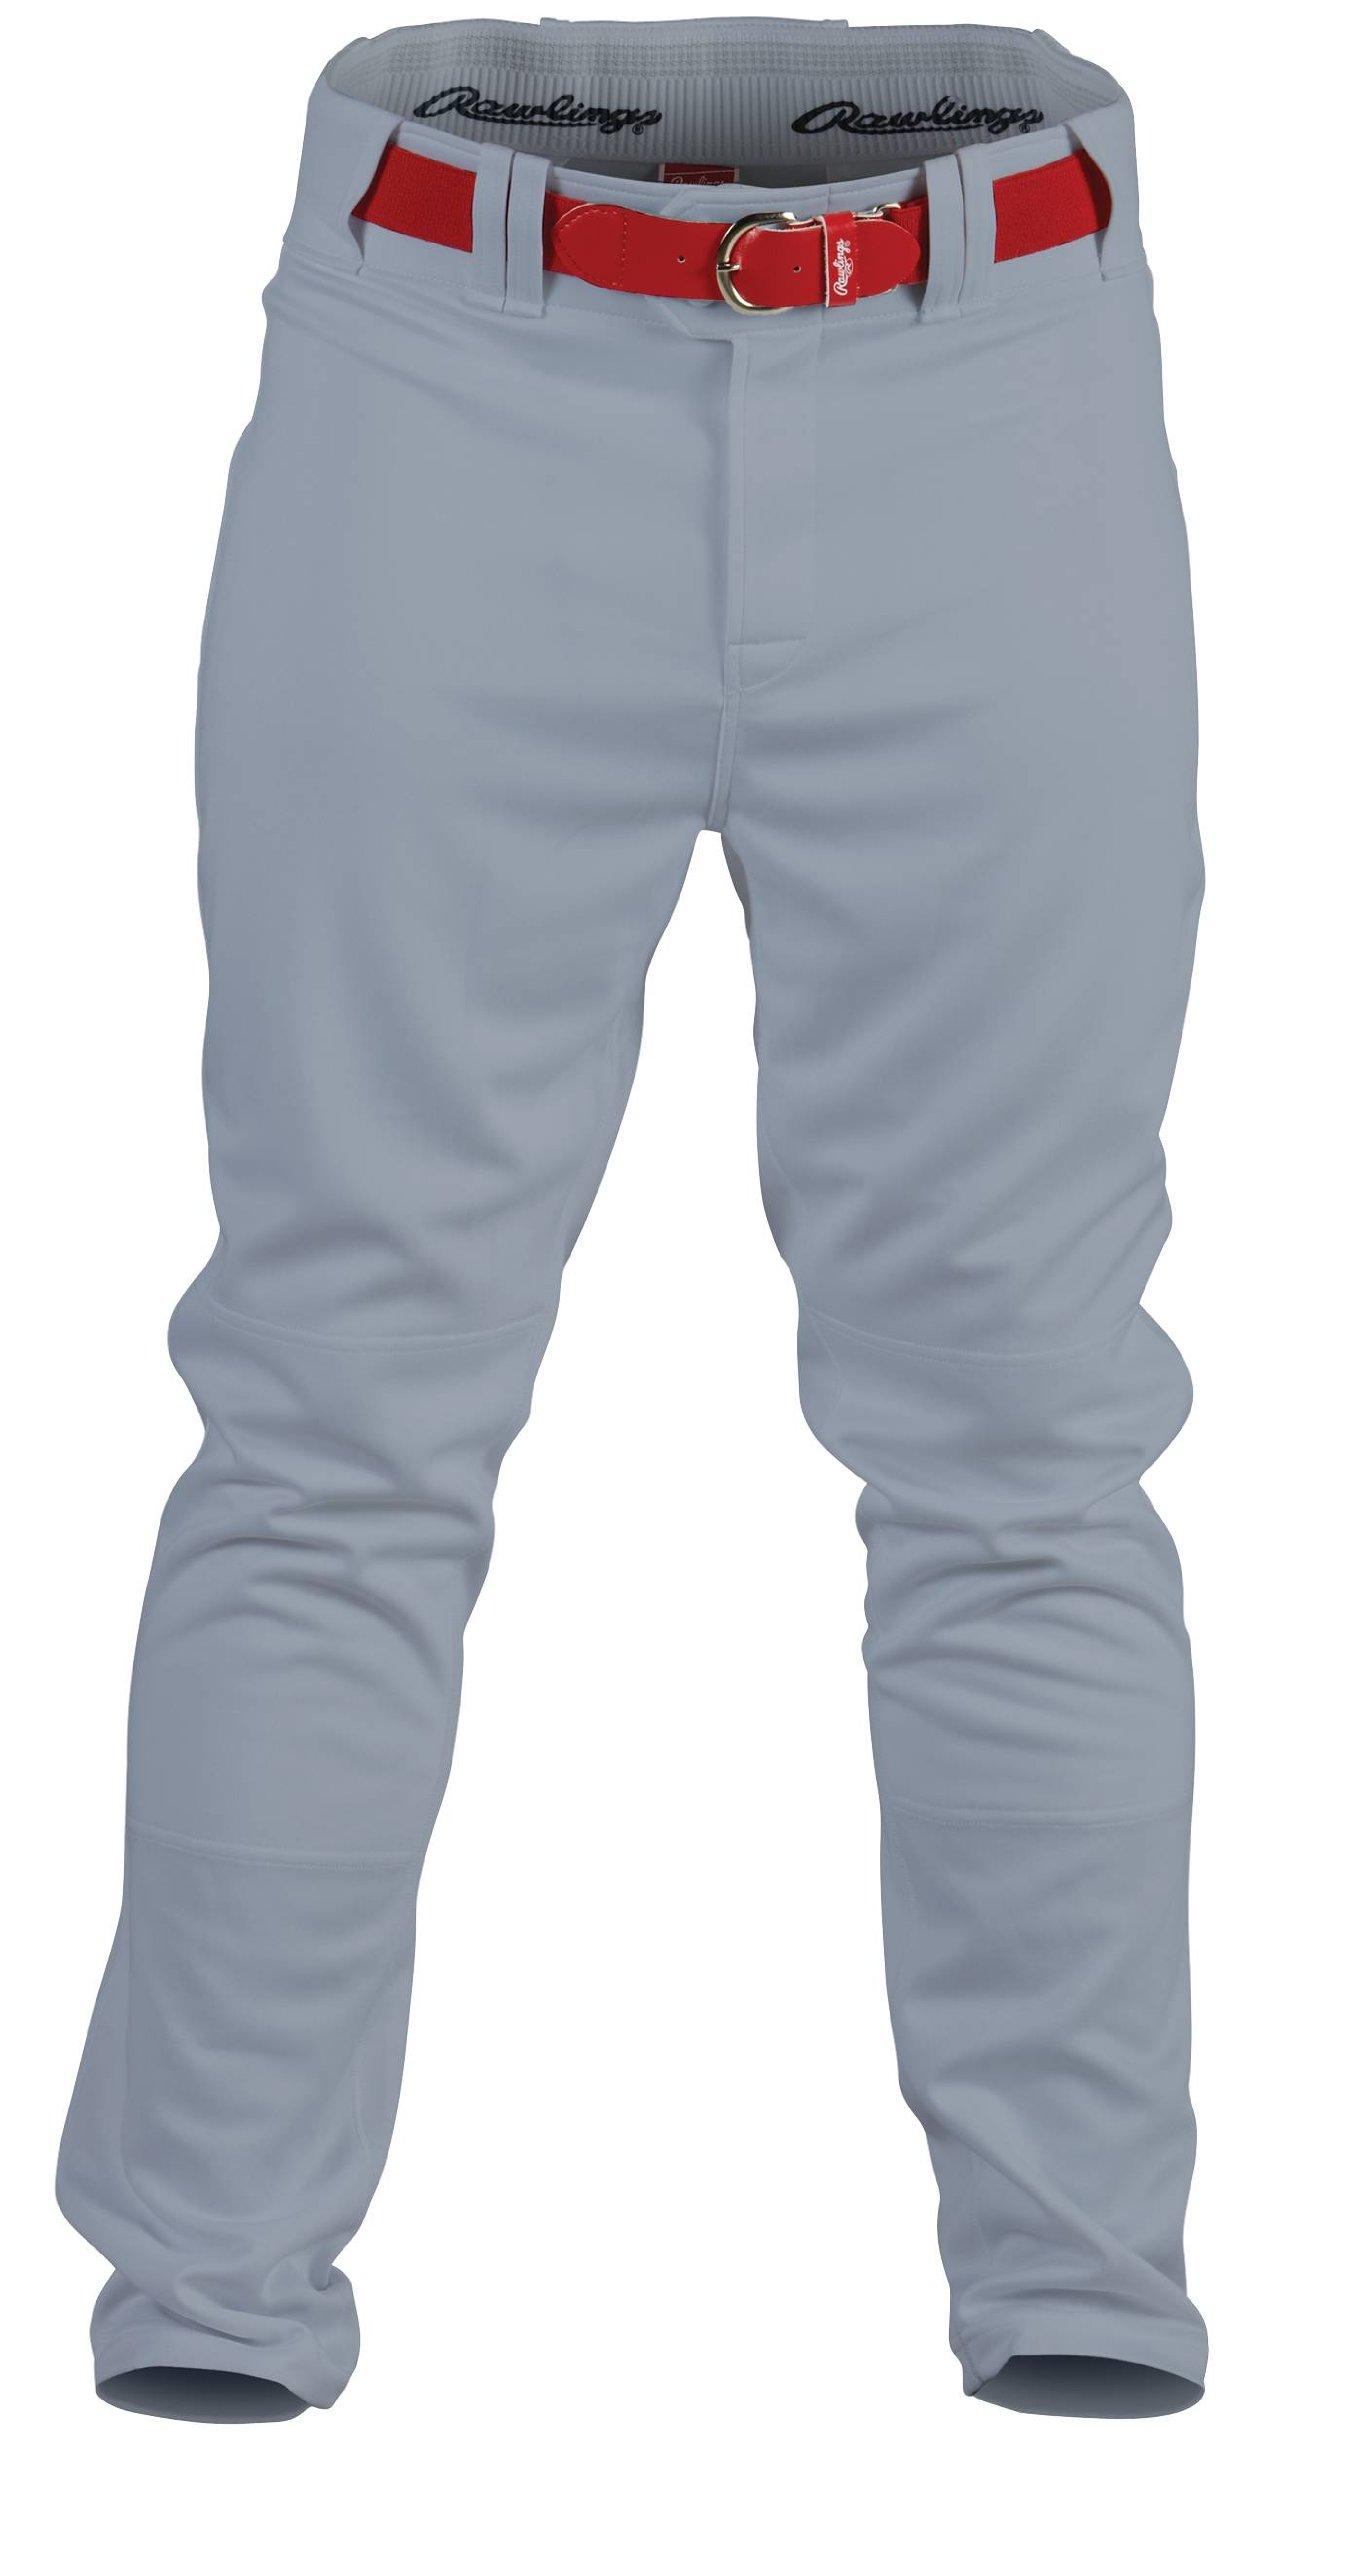 Rawlings Men's Baseball Pant (Blue Grey, Medium) by Rawlings Sporting Goods